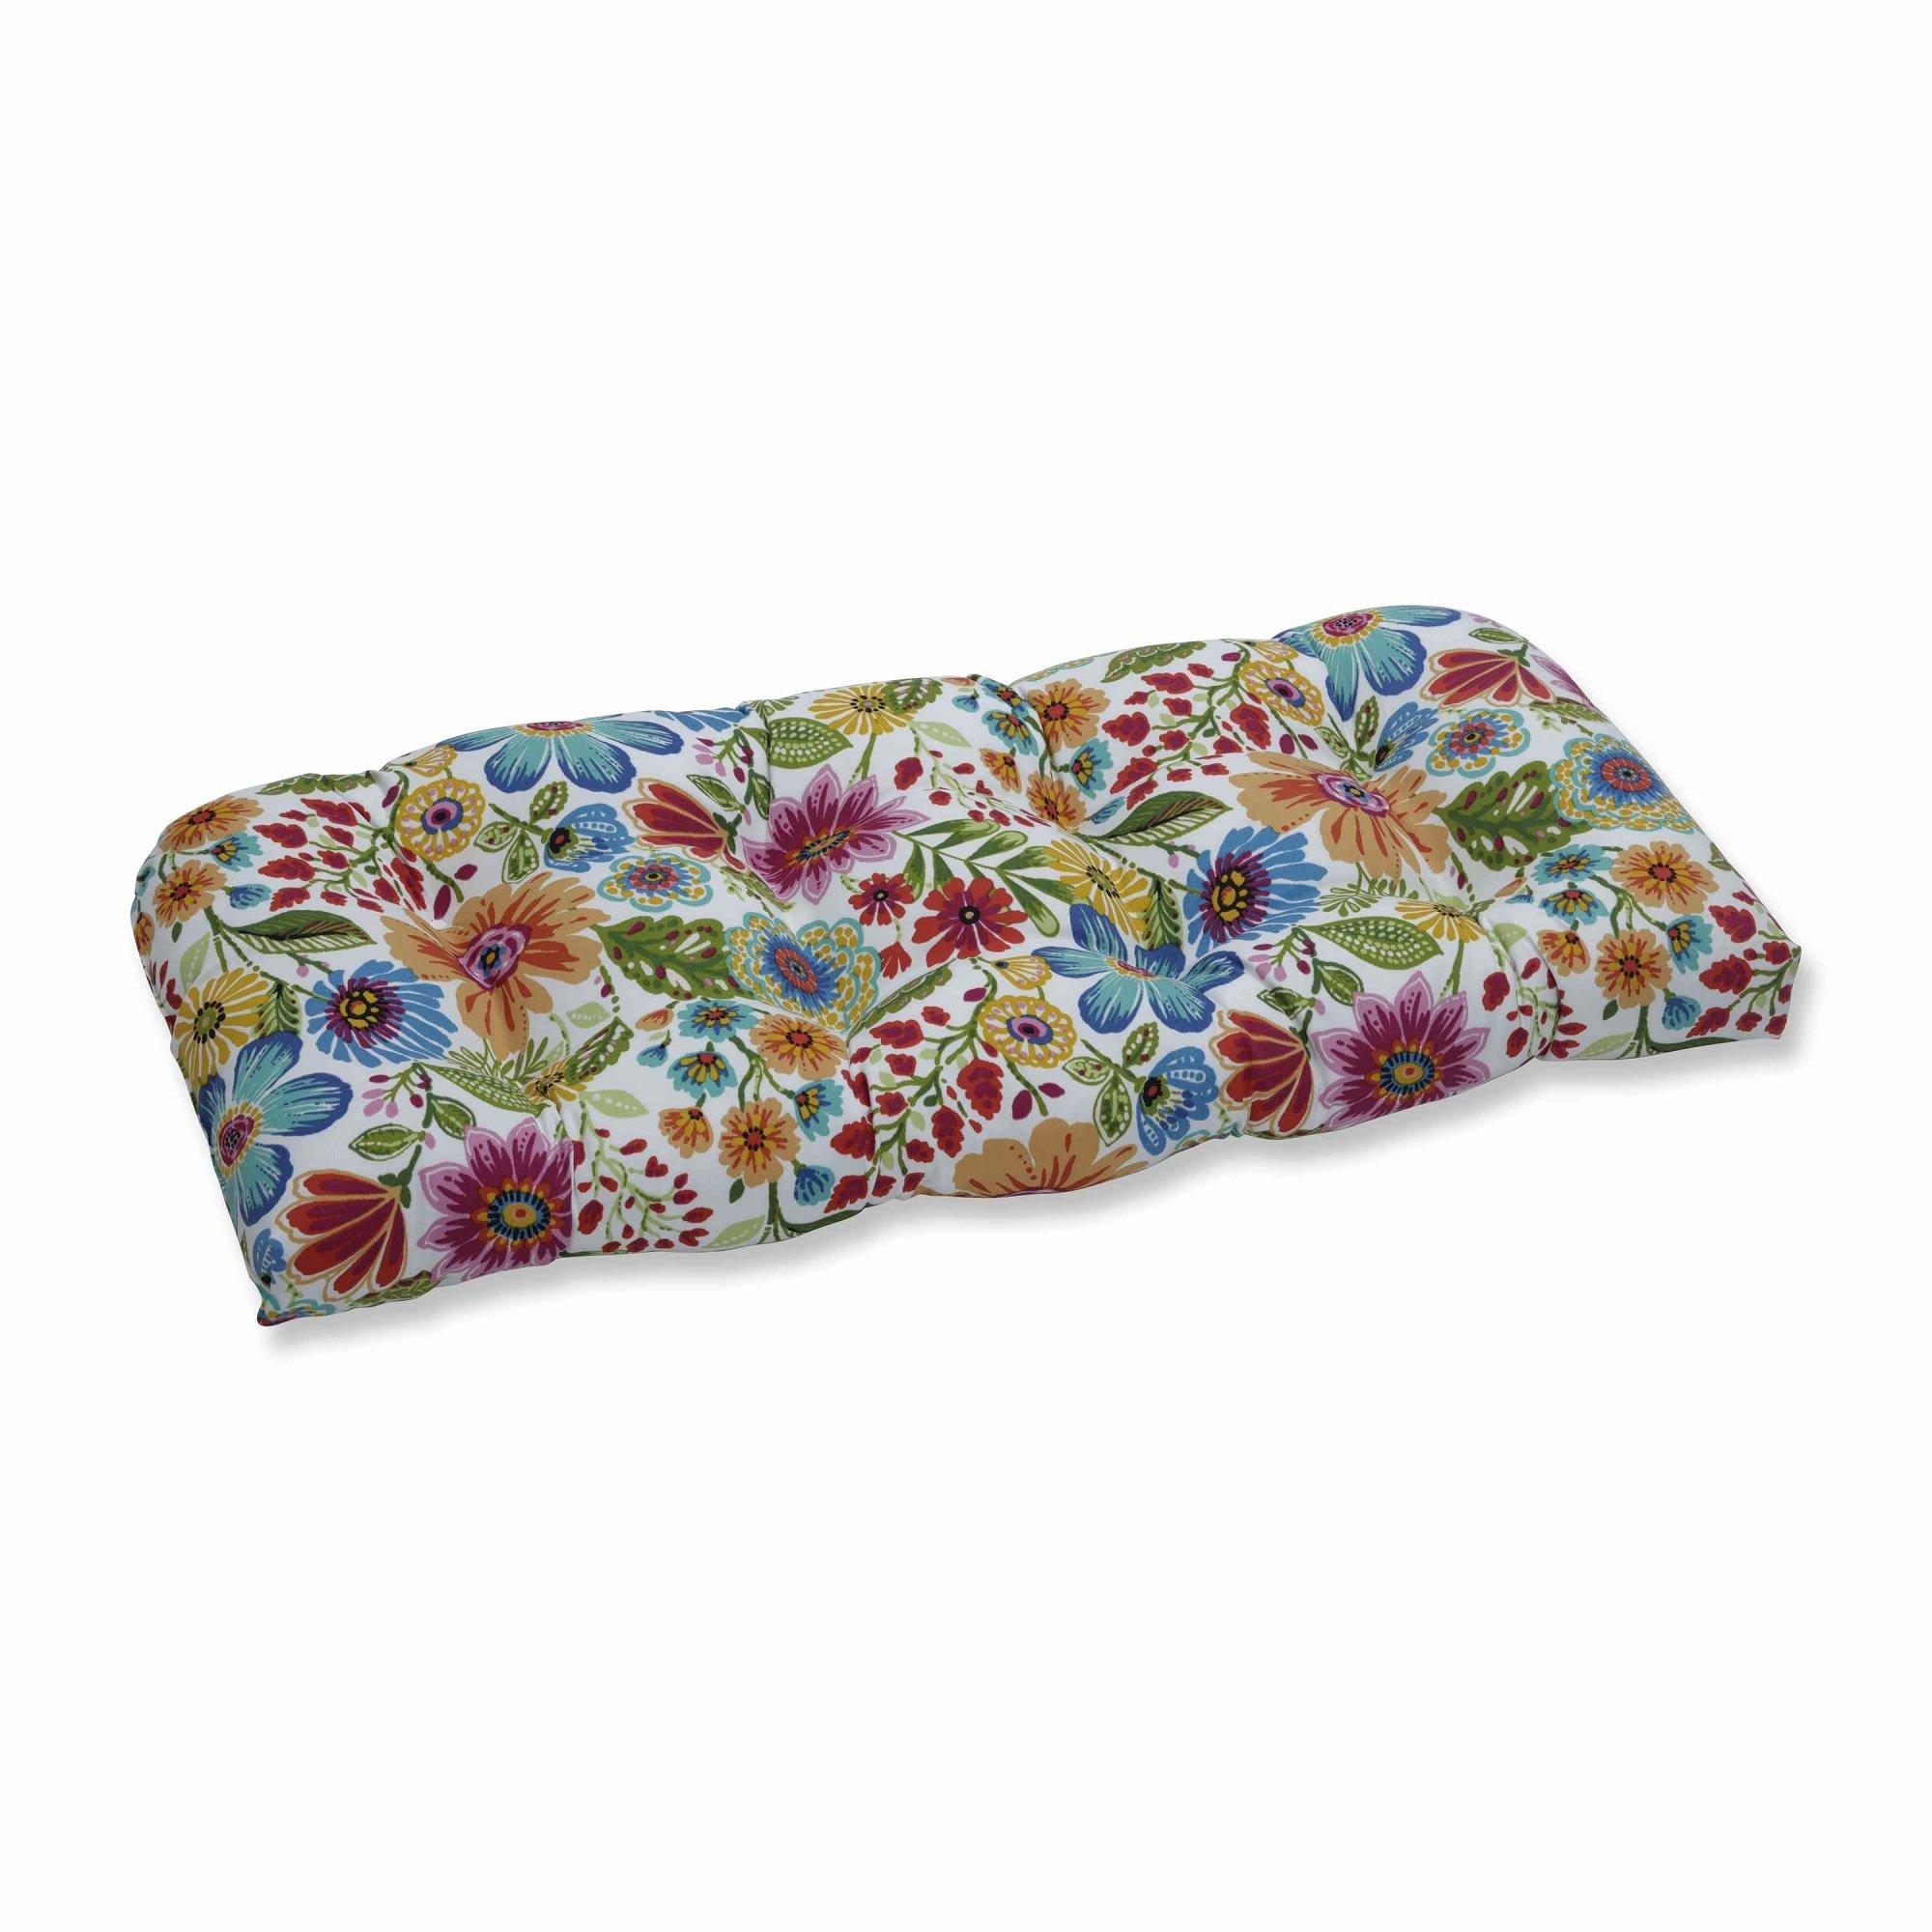 OKSLO Gregoire prima wicker loveseat cushion